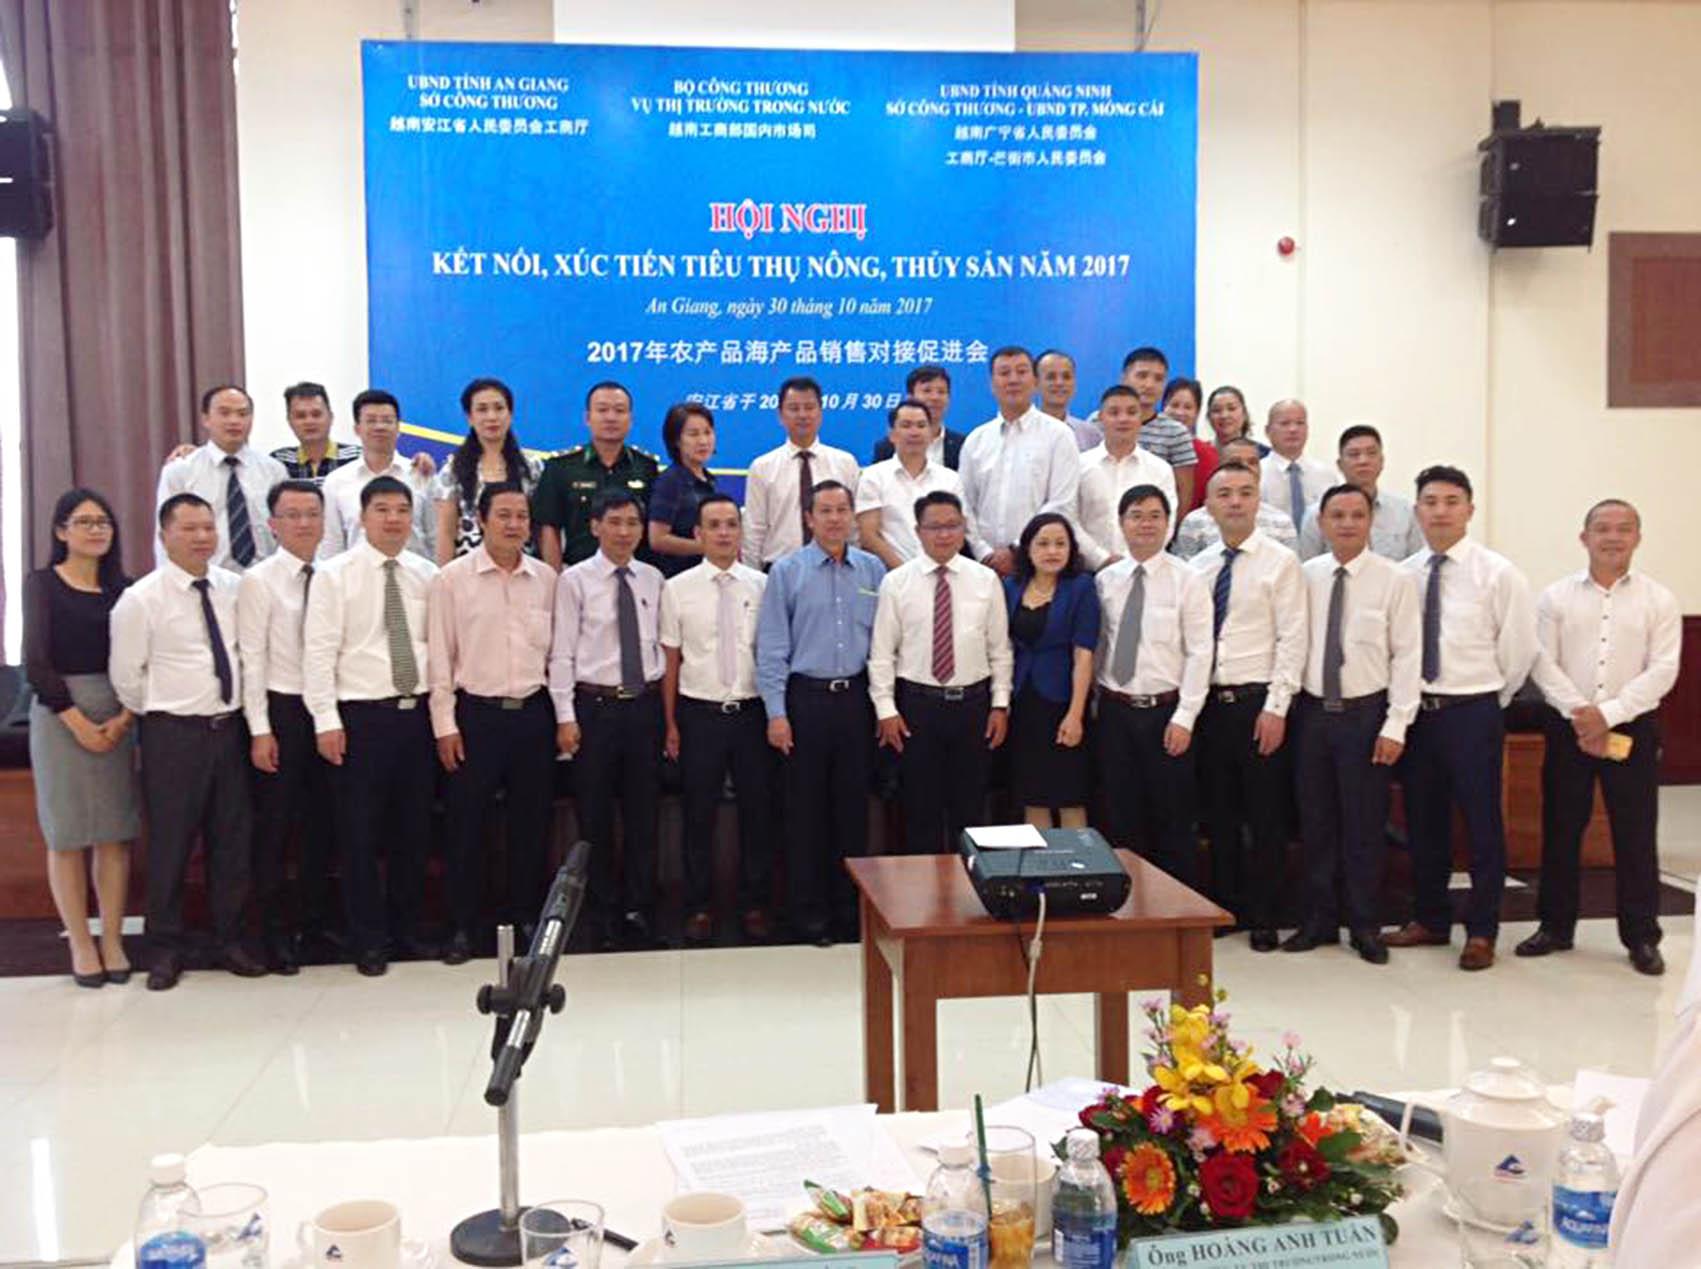 Hội nghị kết nối, xúc tiến tiêu thụ nông, thủy sản với doanh nghiệp tỉnh Quảng Ninh và doanh nghiệp Trung Quốc tại tỉnh An Giang